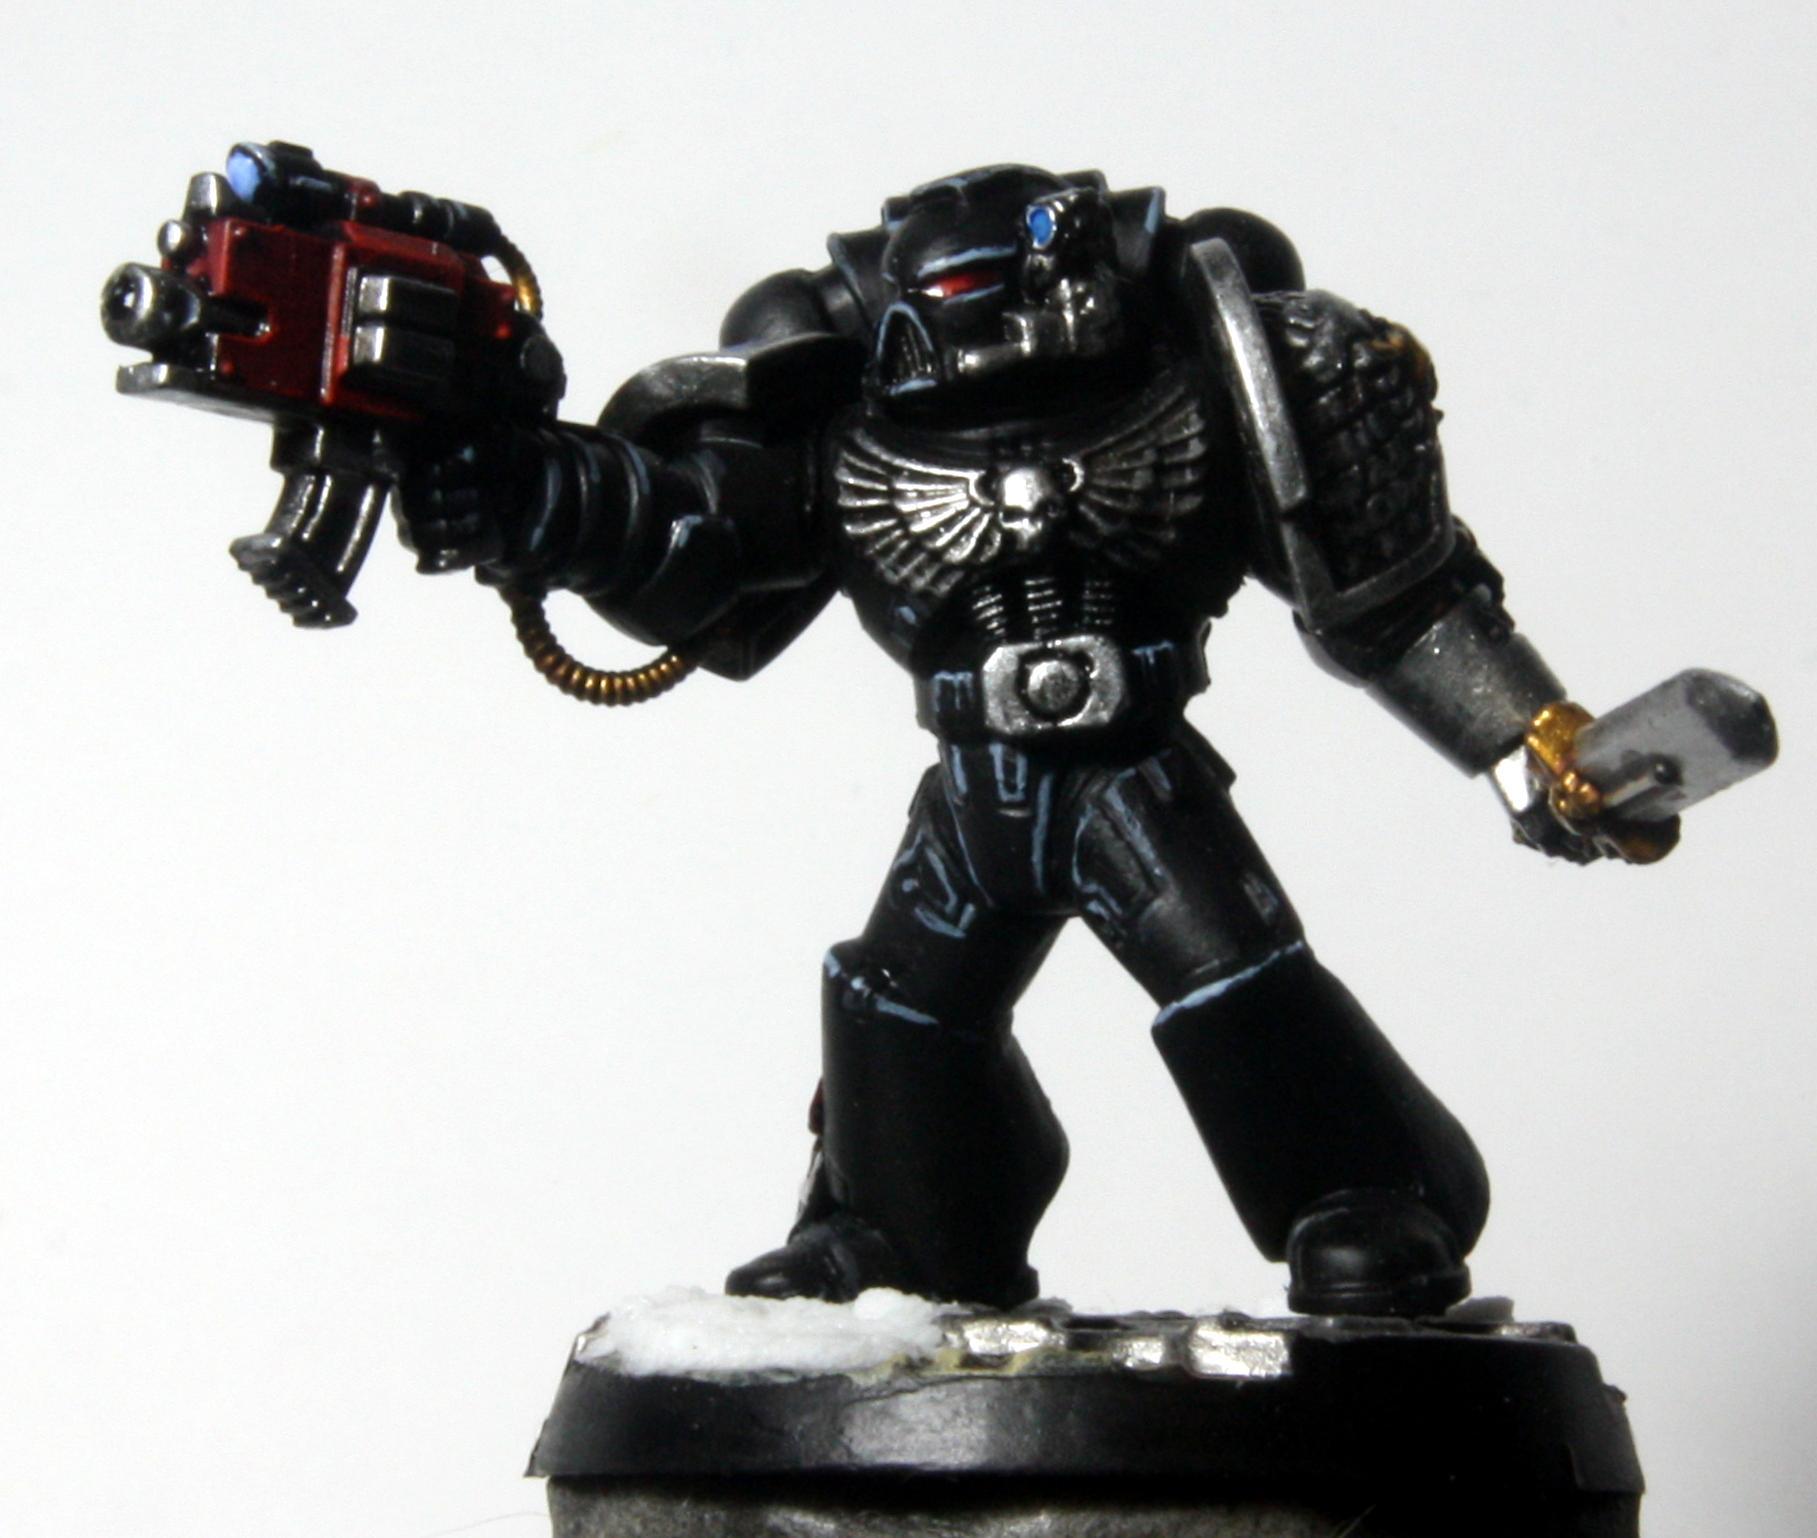 Crimson Fist, Deathwatch, Ultramarines